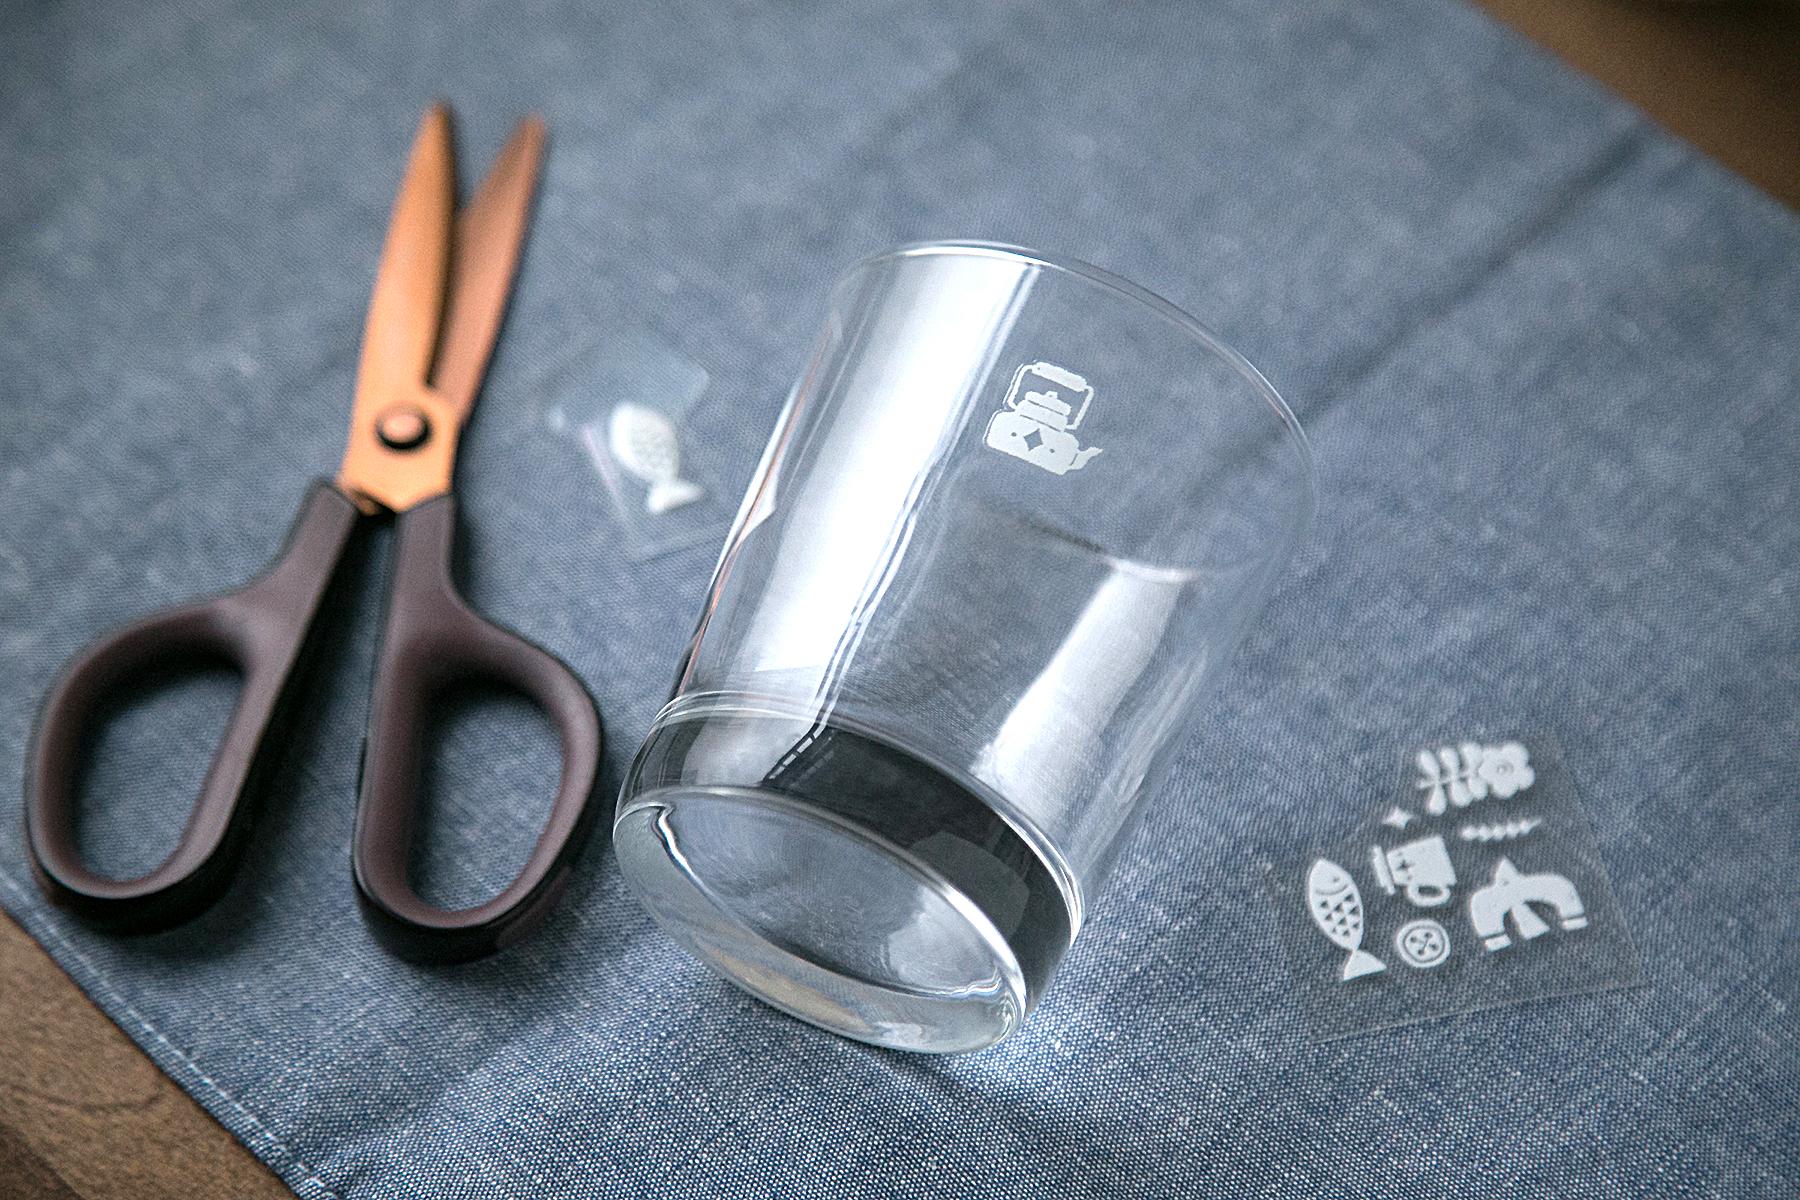 轉印裝飾貼紙 - 北歐紋樣日常雜貨